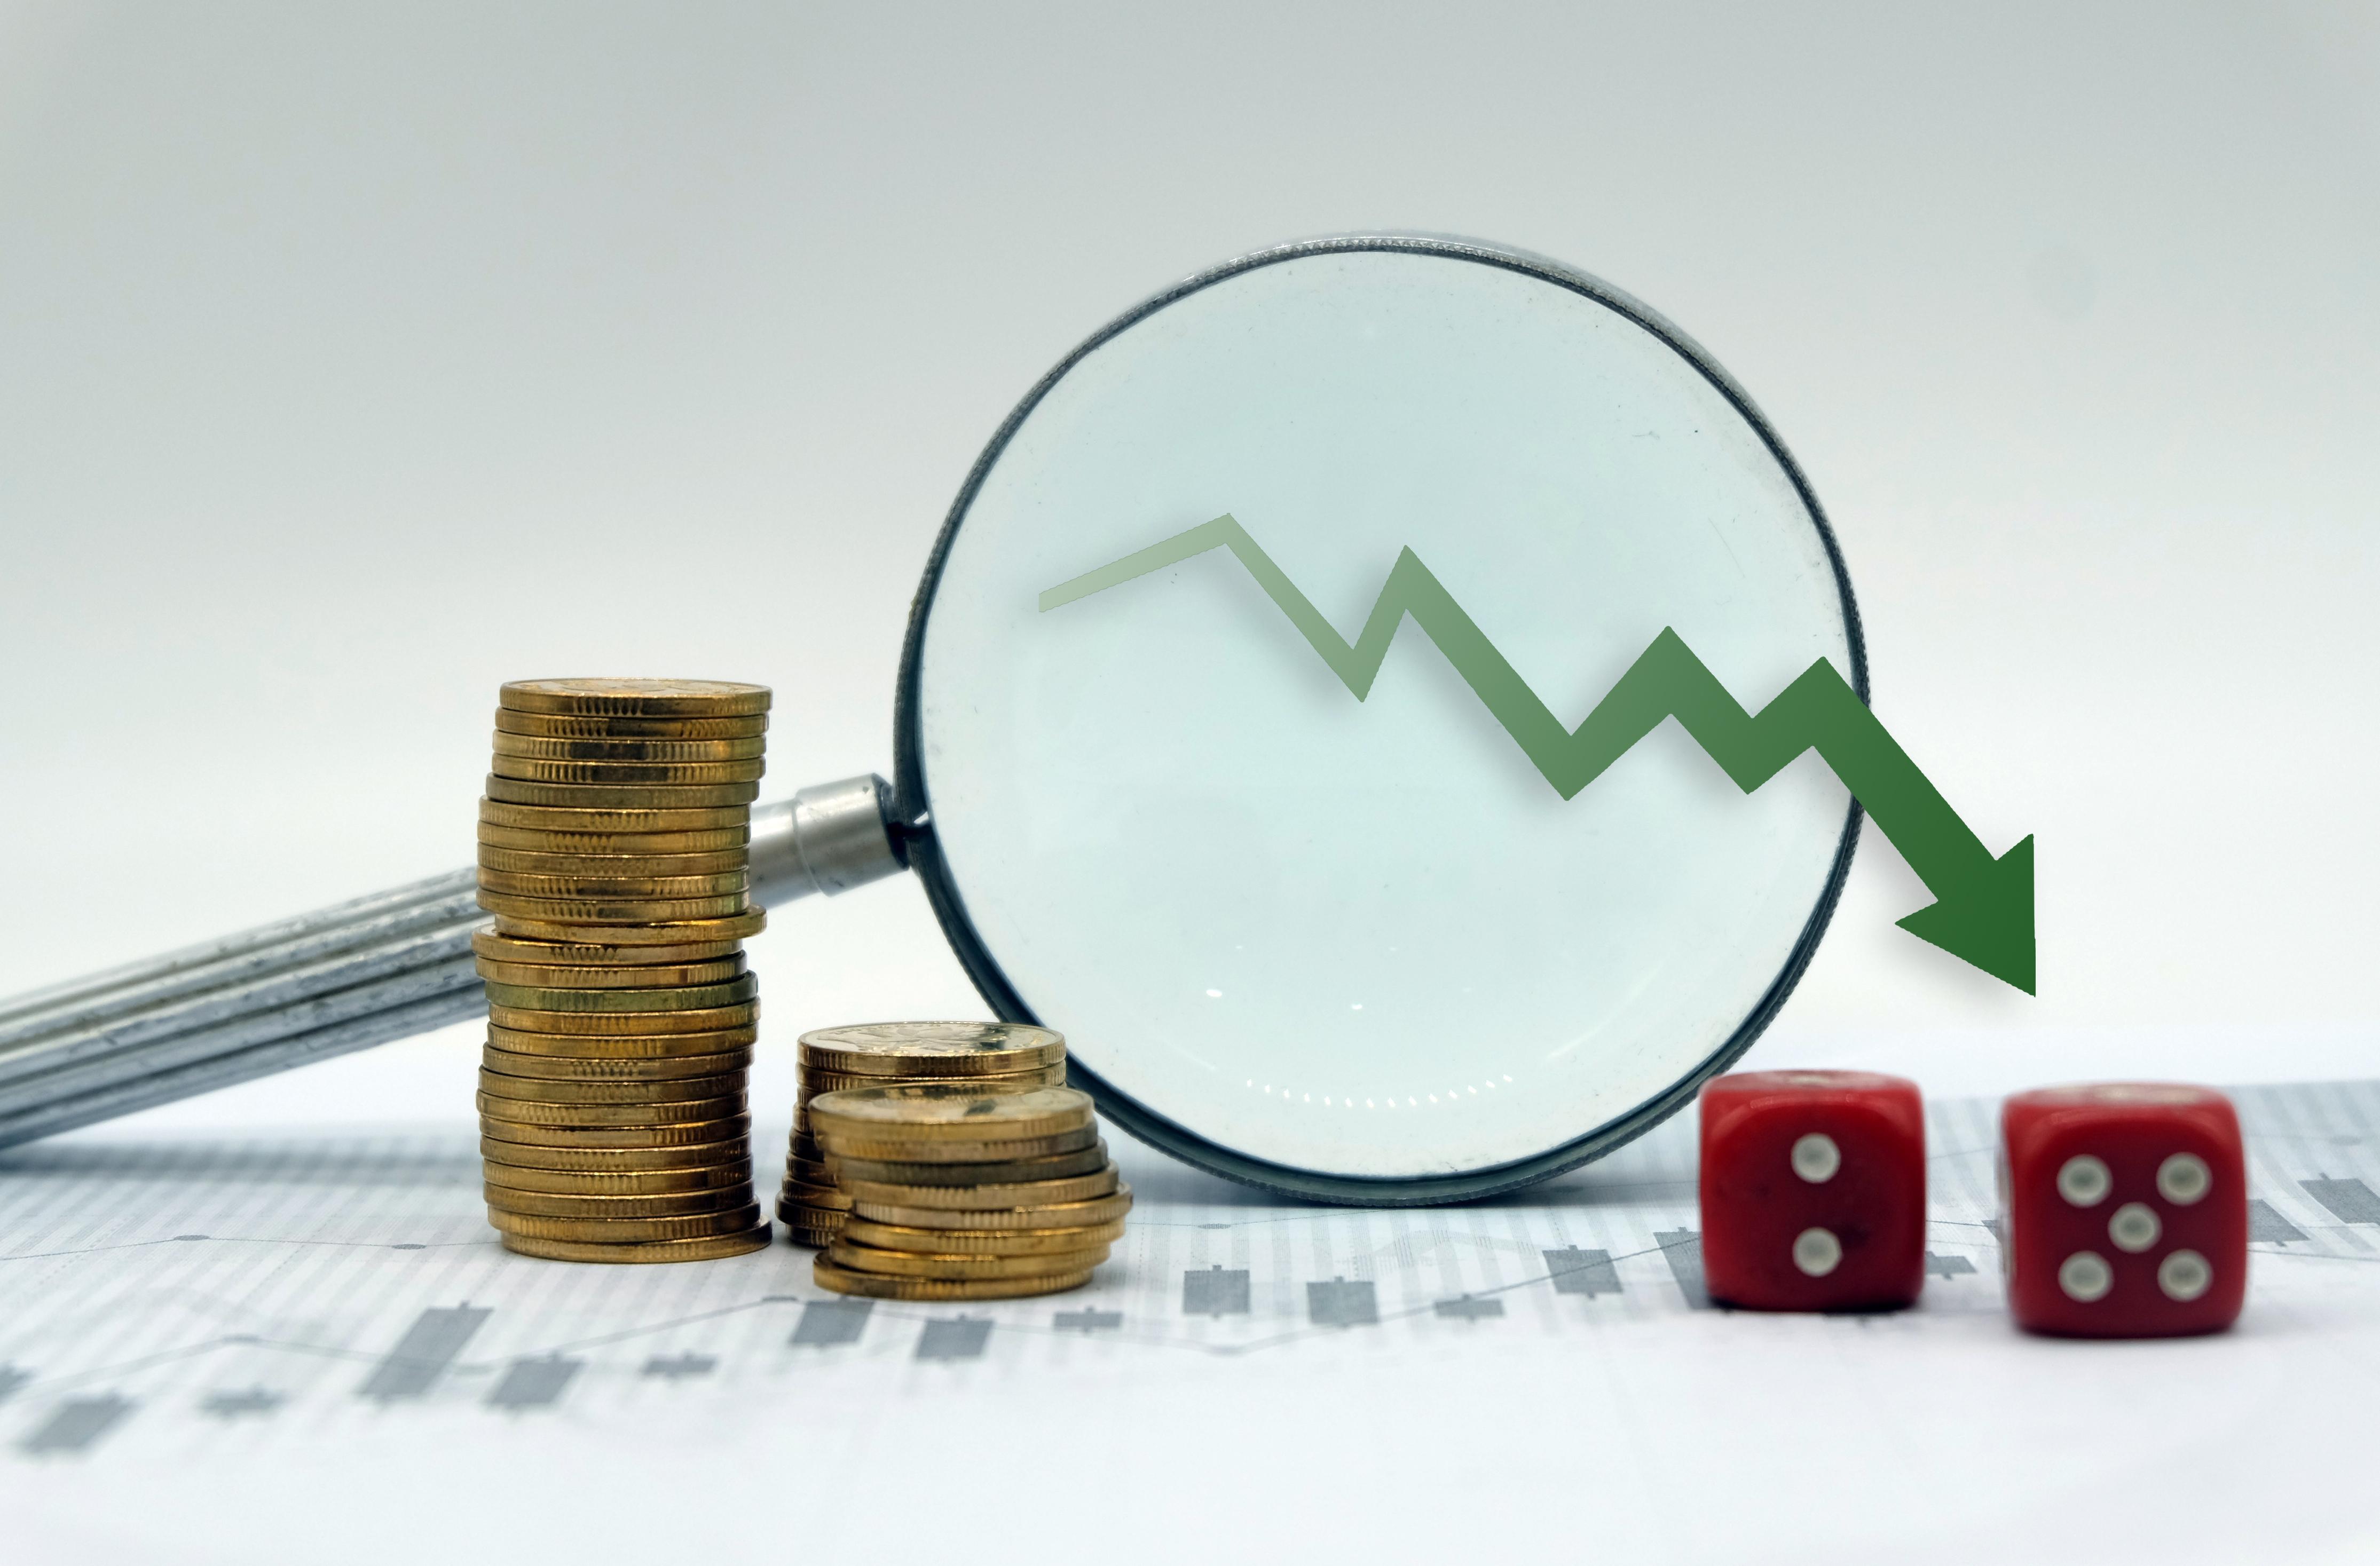 大妖坠落?通光线缆股价大跌5%,更有股东趁高减持1000万股